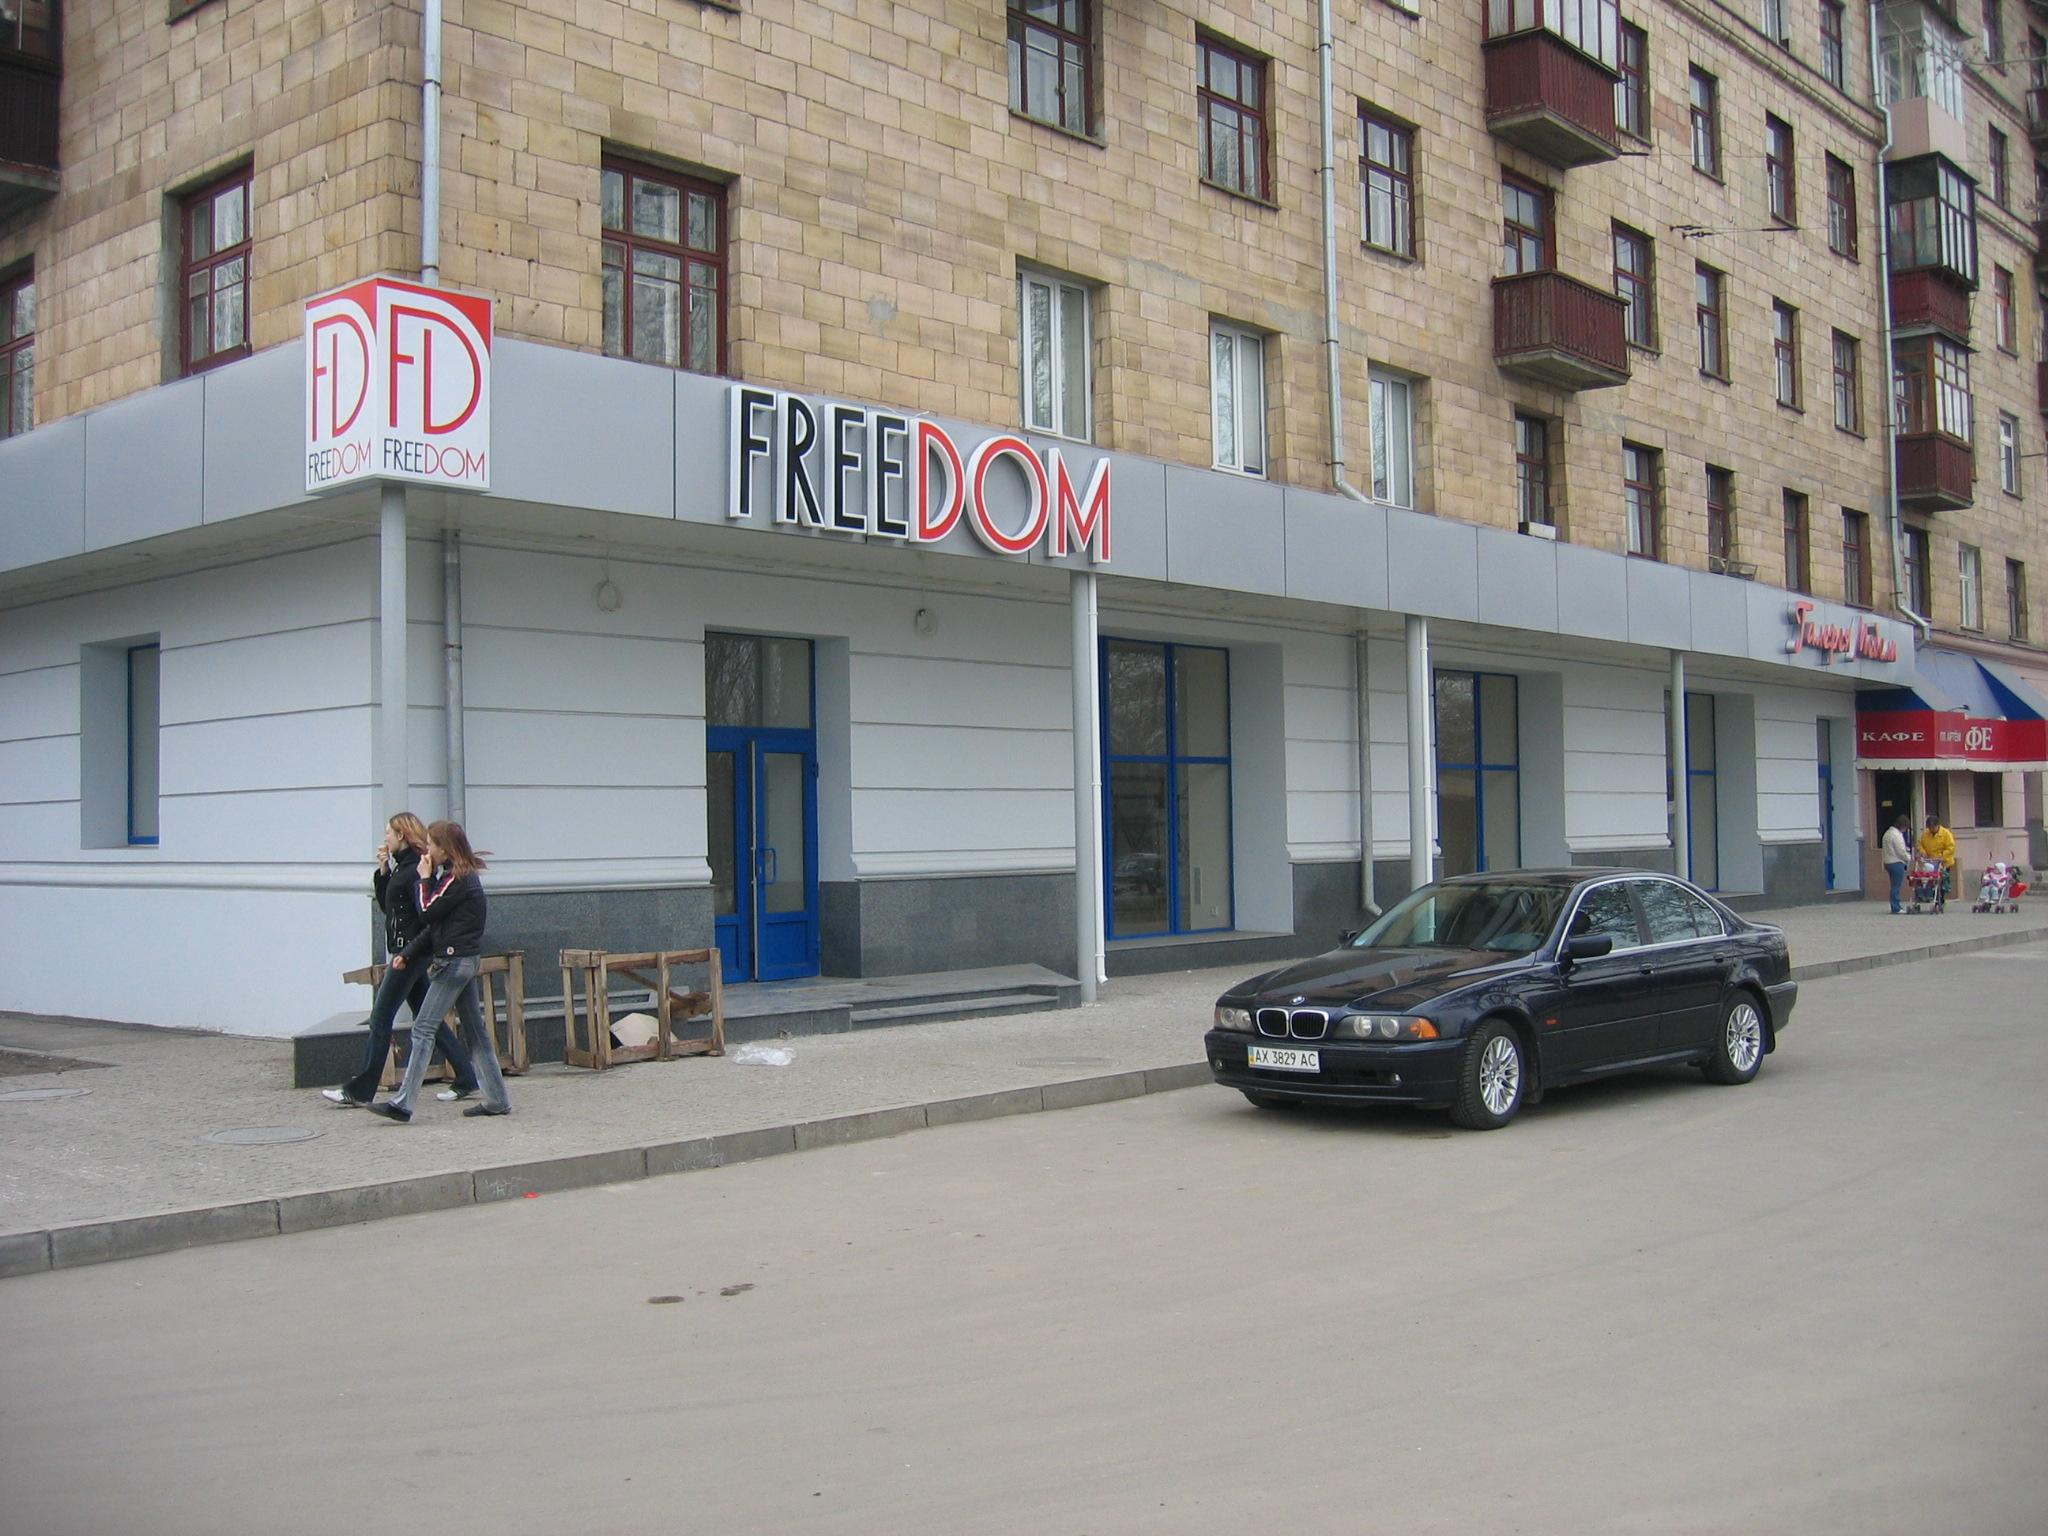 объемные буквы на фасаде из металла вид днём